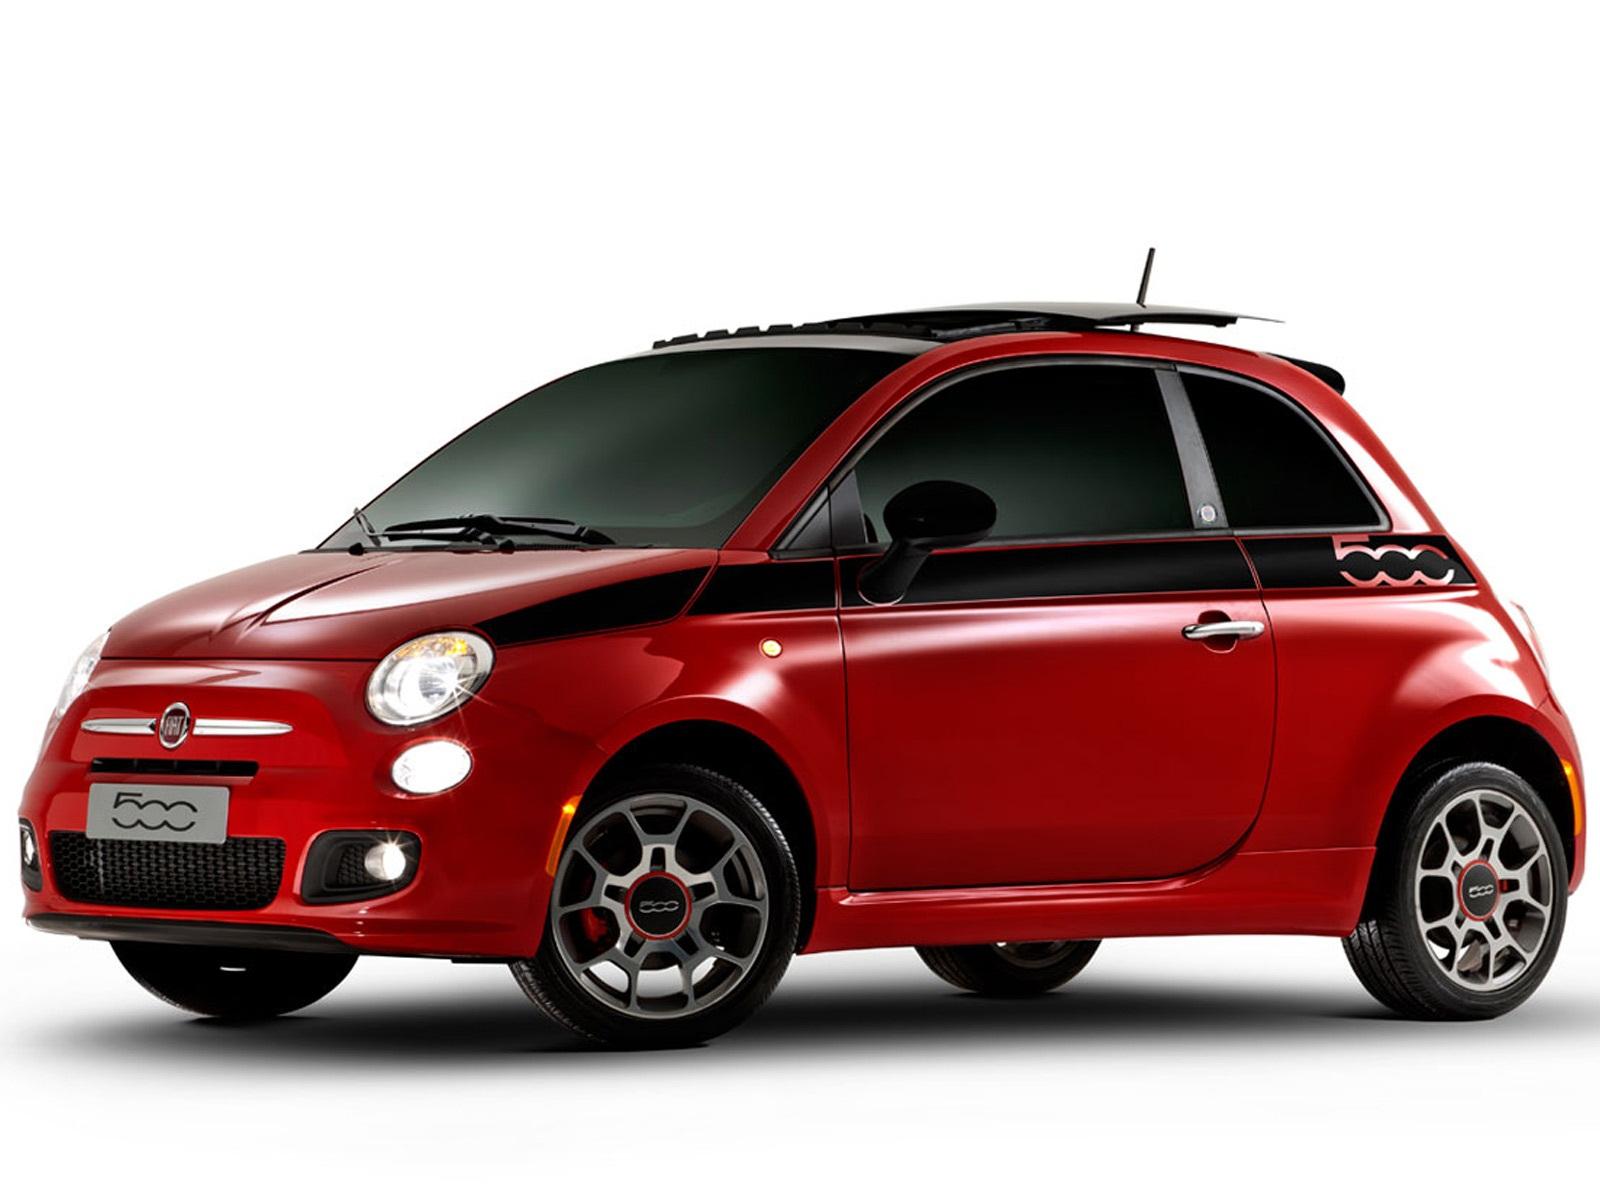 Fiat 500 2012 Vermelho Wallpaper HD Free Wallpaper